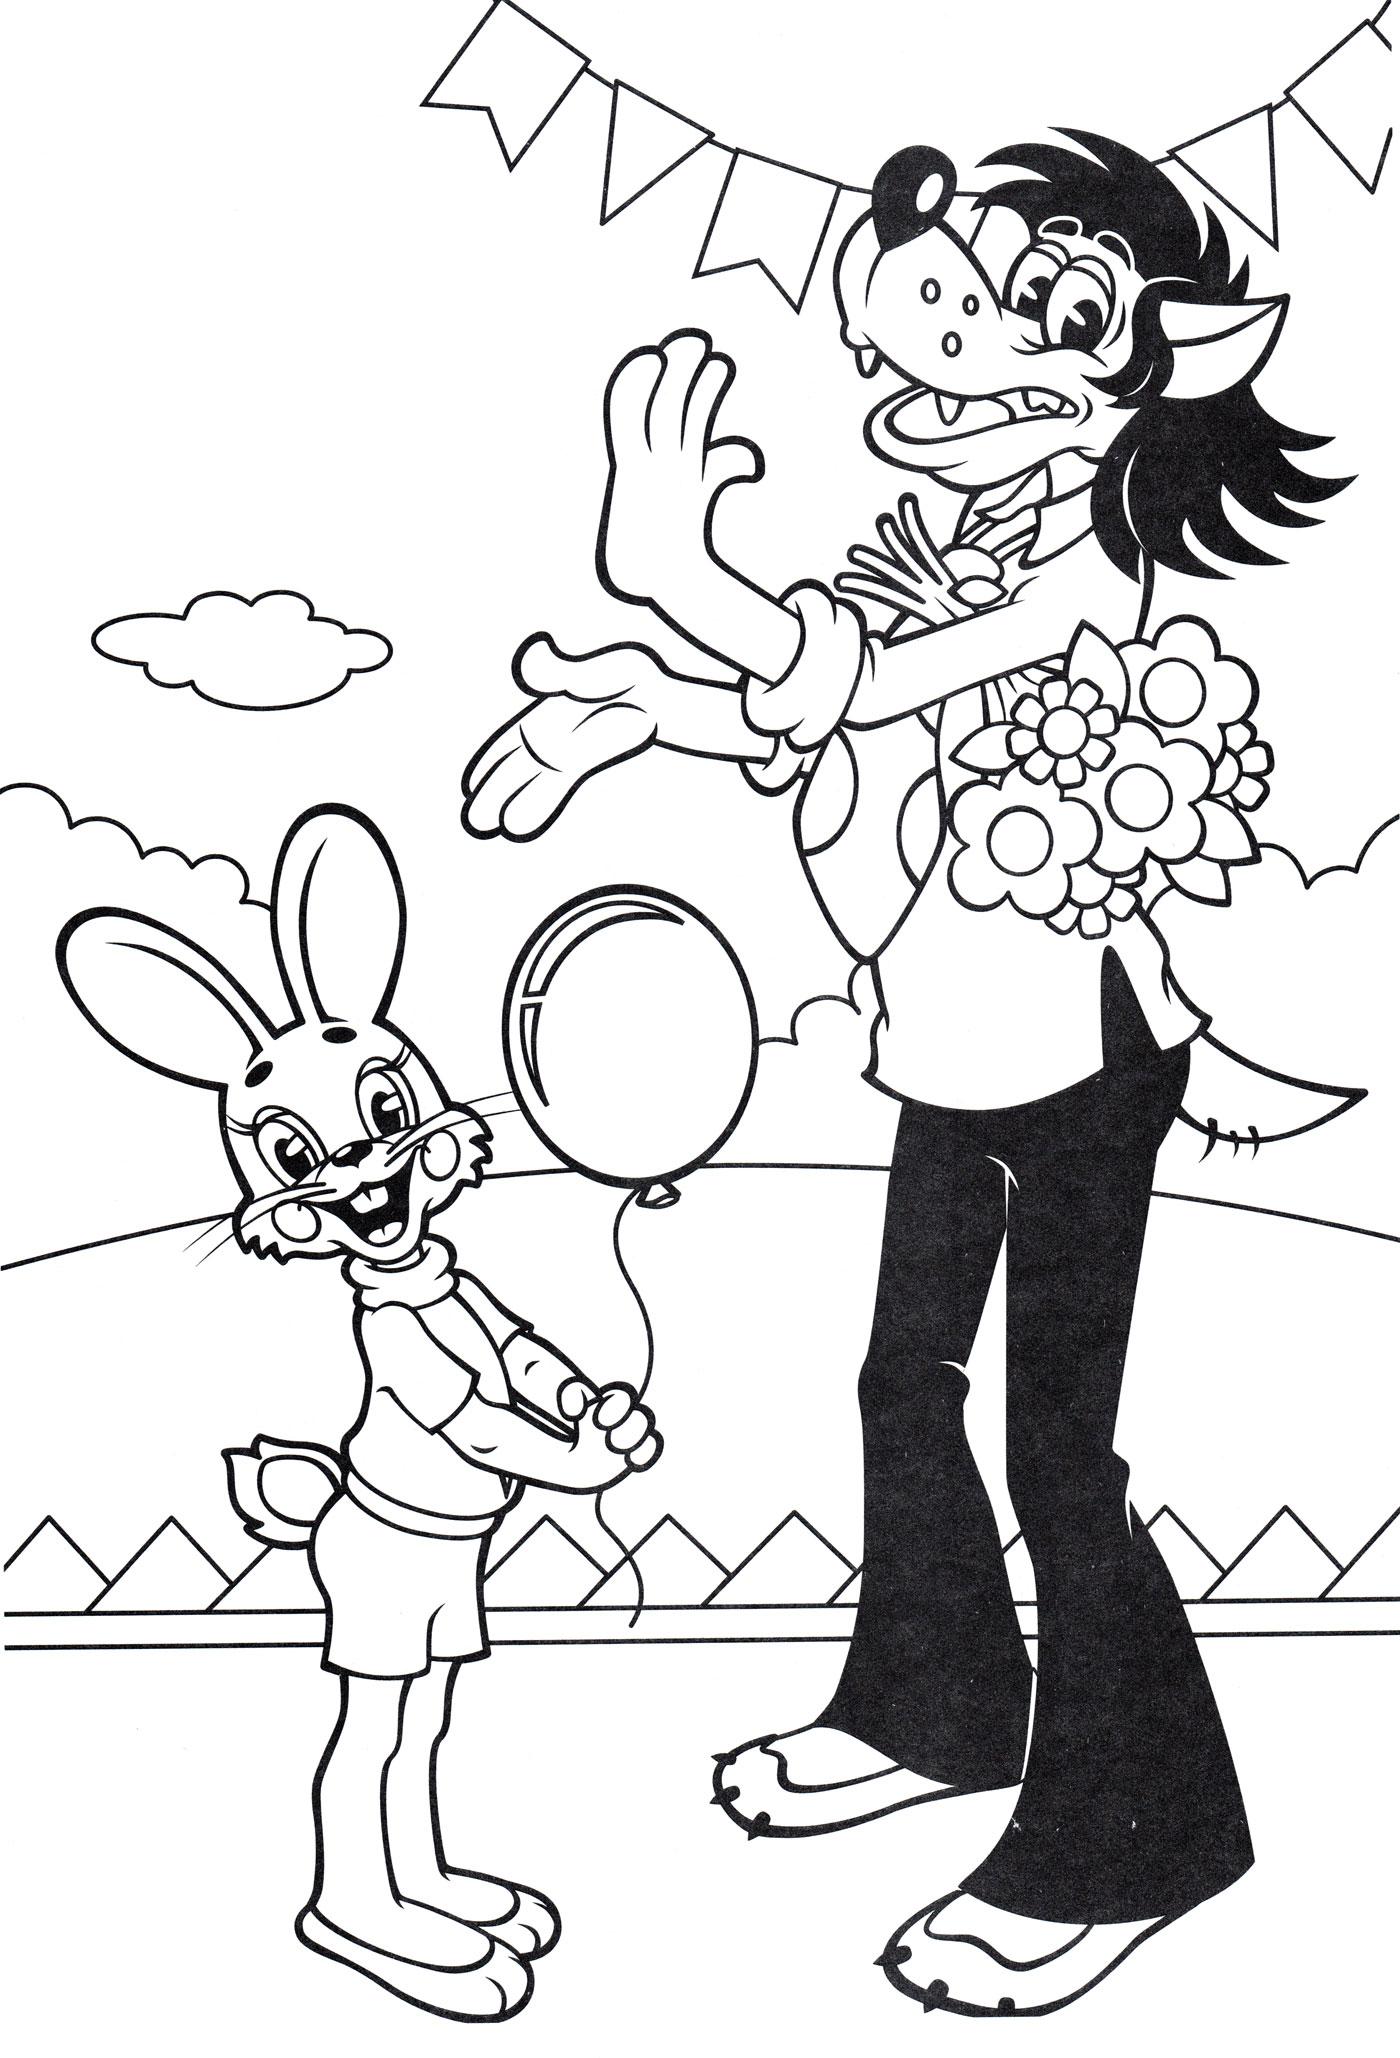 Раскраска Волк подарил зайцу шарик | Раскраски Ну погоди